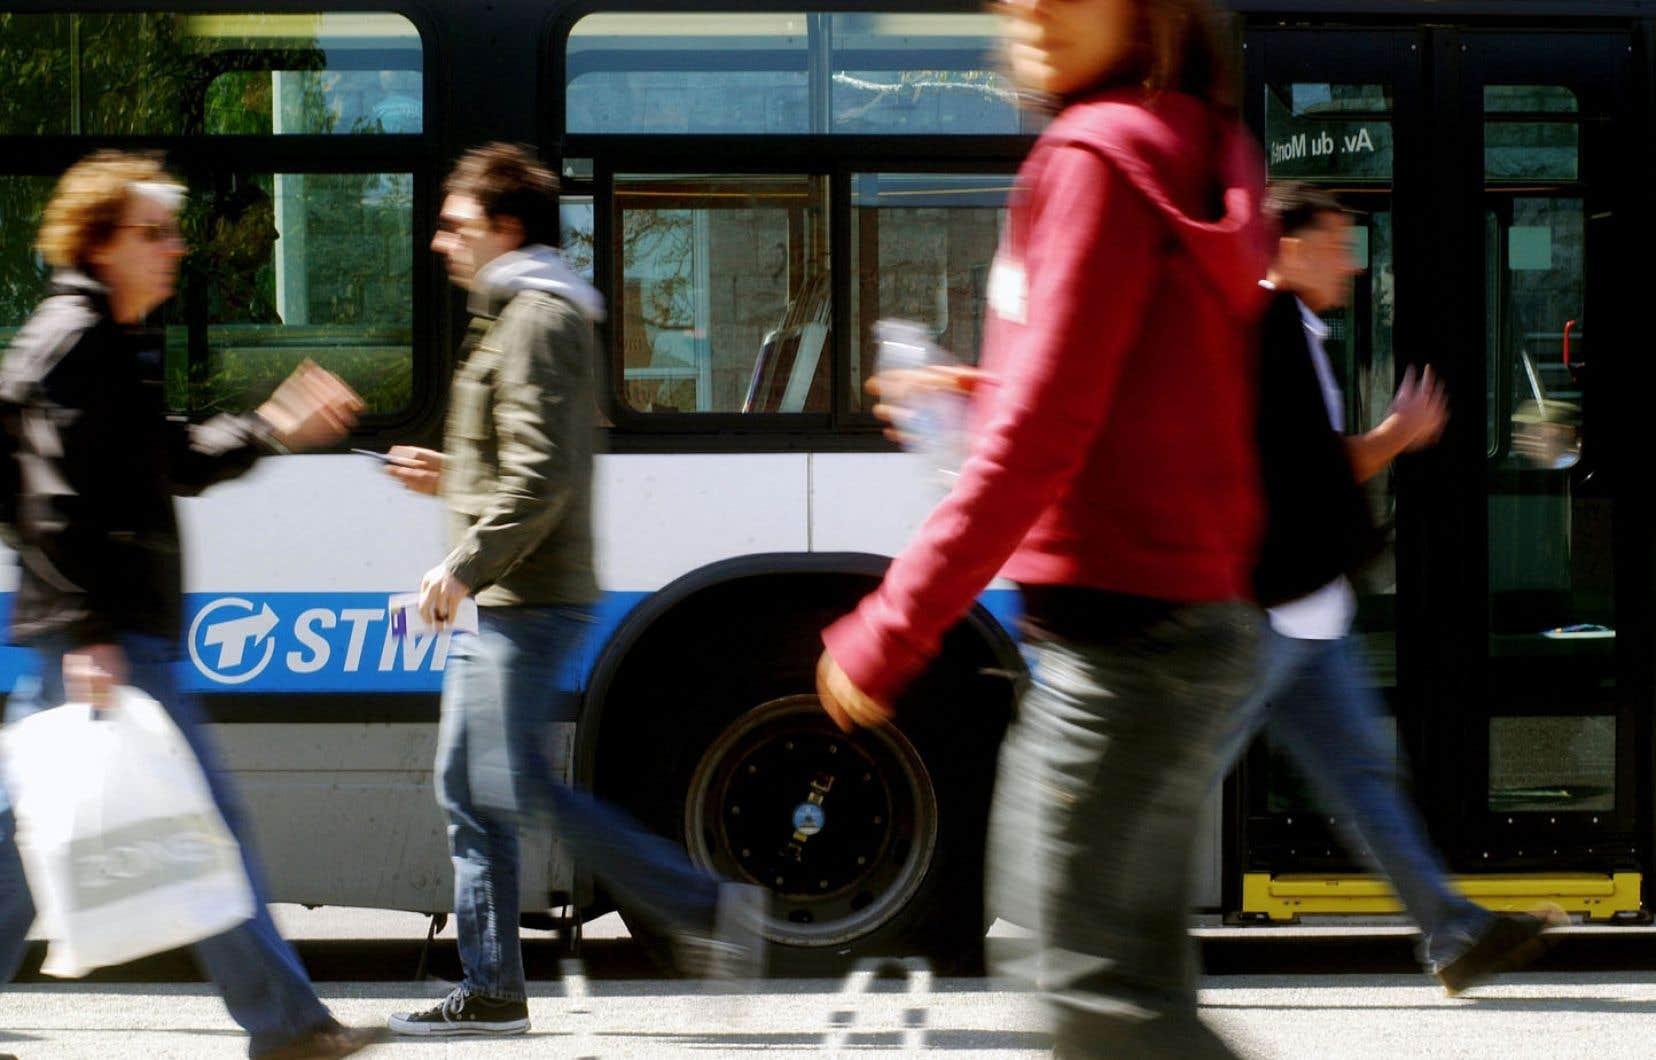 Les enfants qui ont vécu dans la banlieue préfèrent souvent se rapprocher des centres, non seulement pour le mode de vie, mais aussi pour avoir un accès facilité au transport.